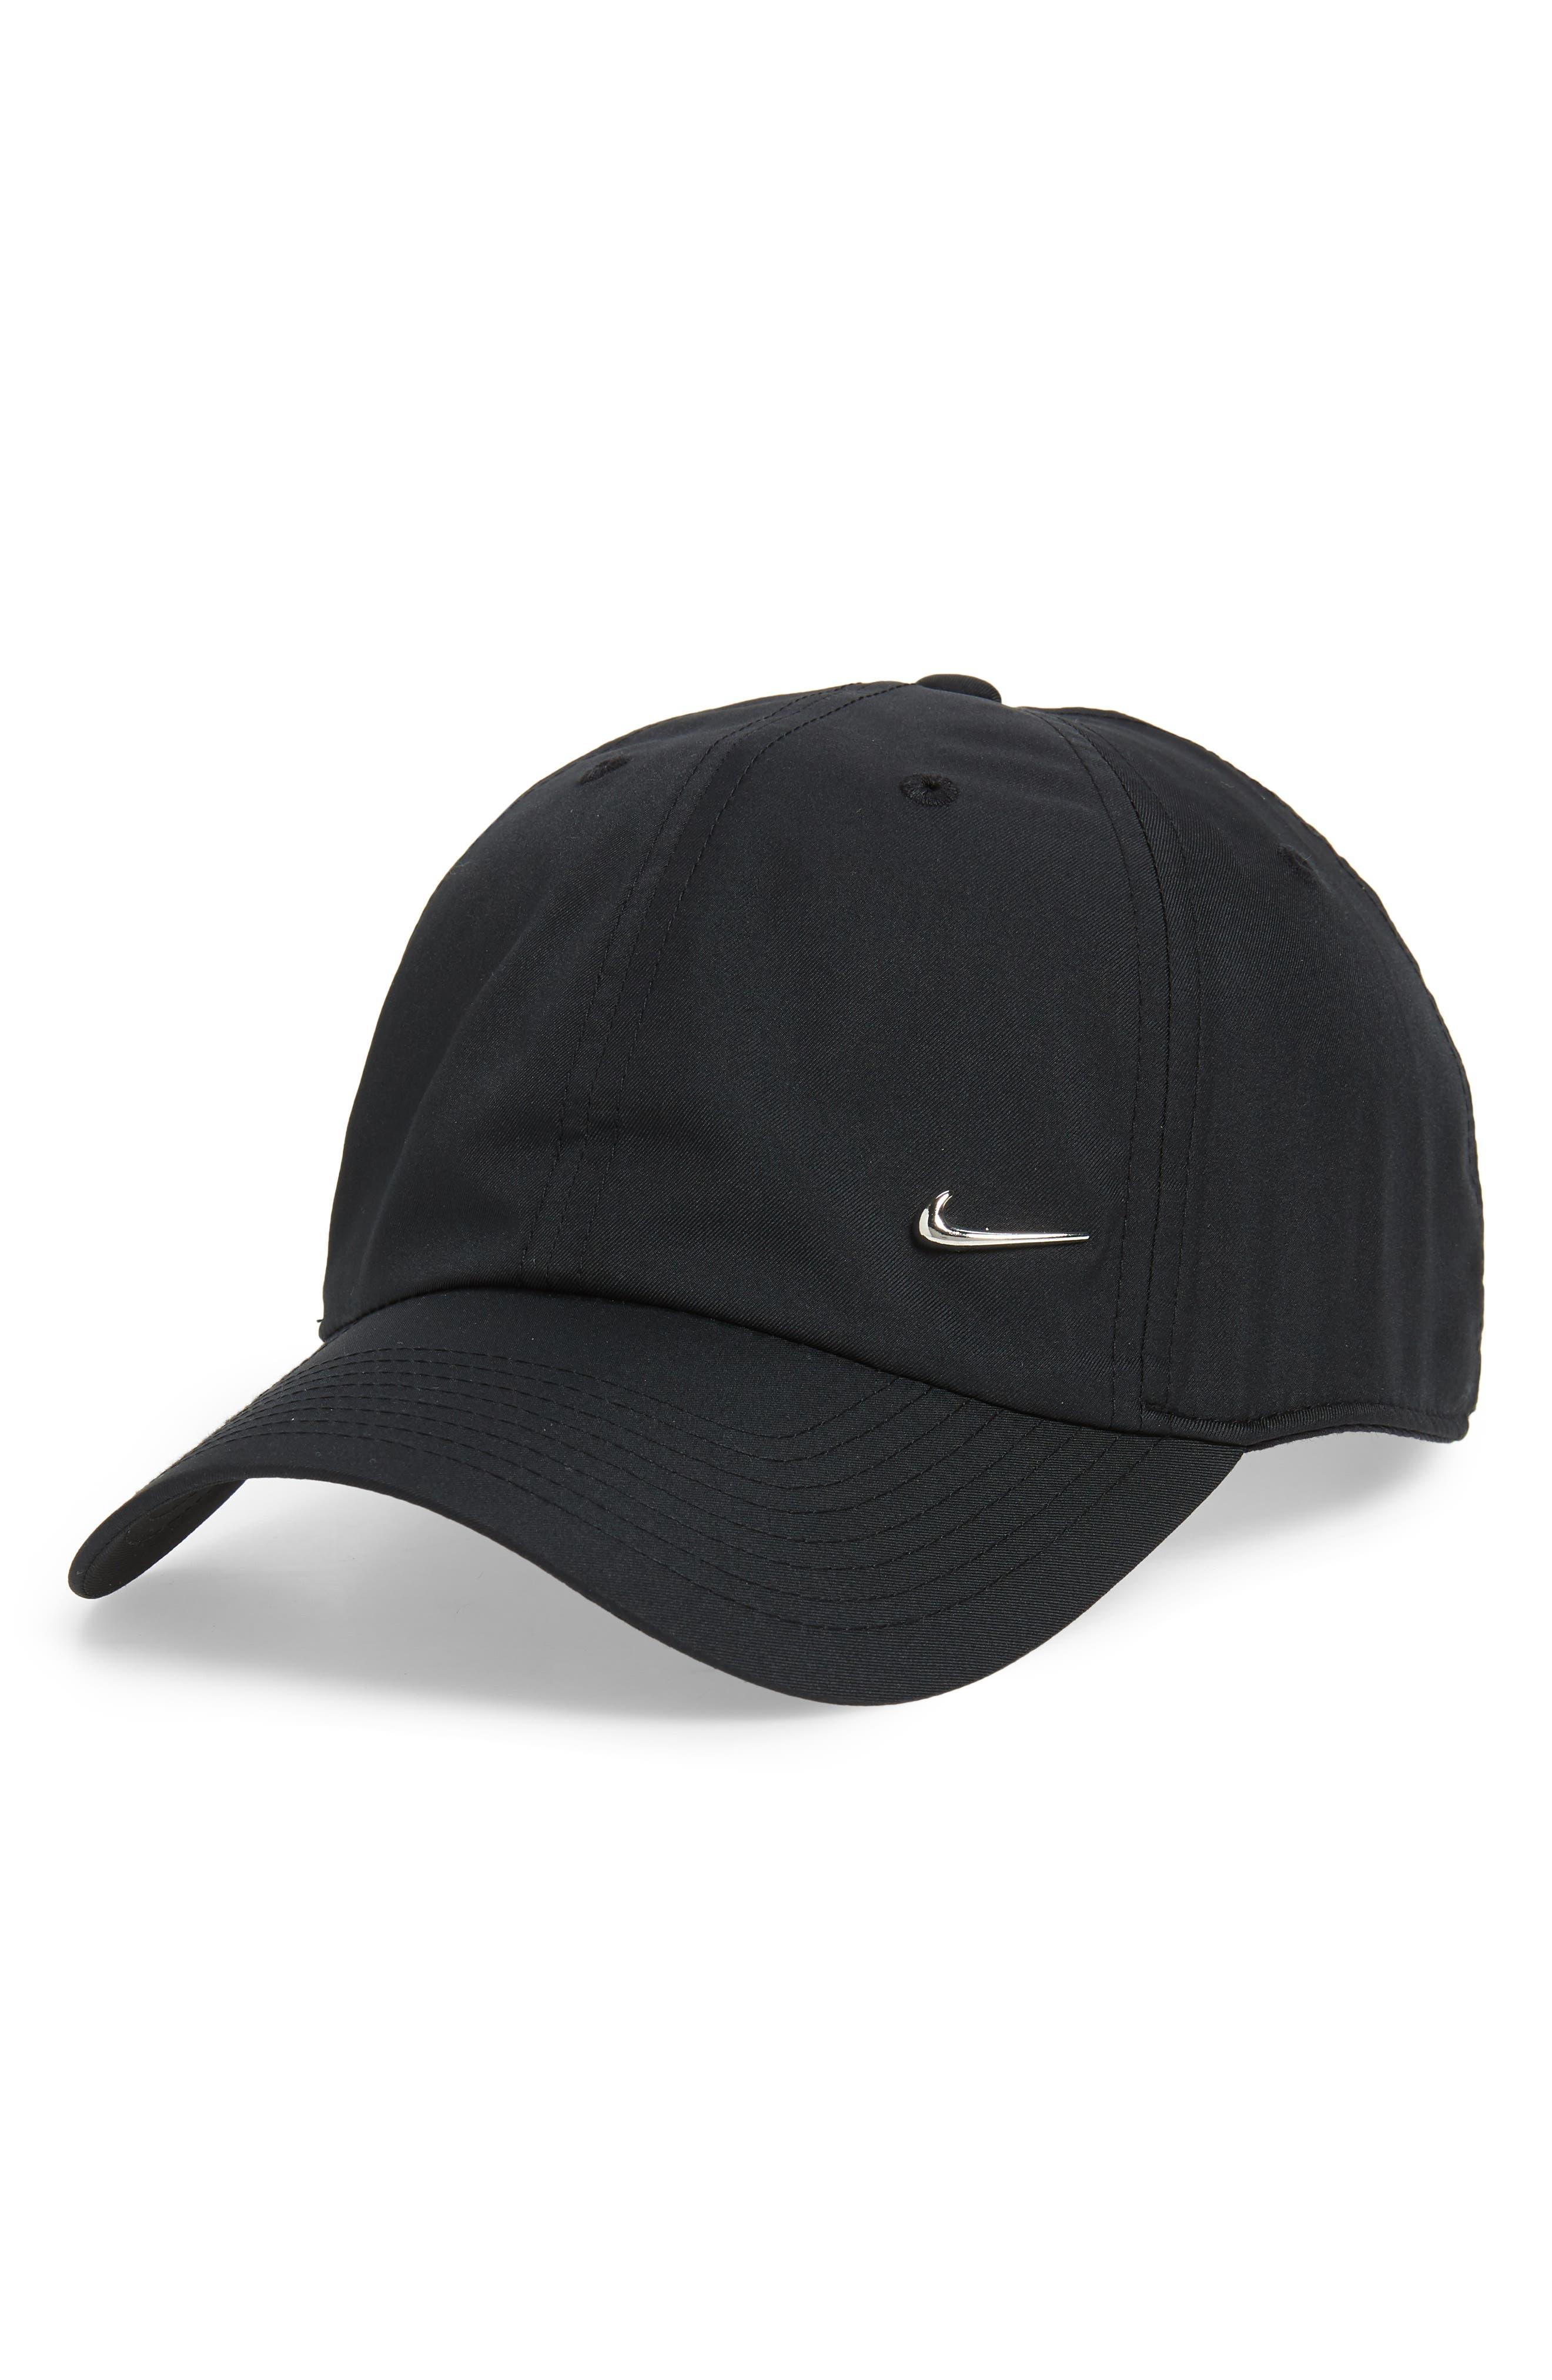 df0594b6 Men's Hats, Hats for Men | Nordstrom